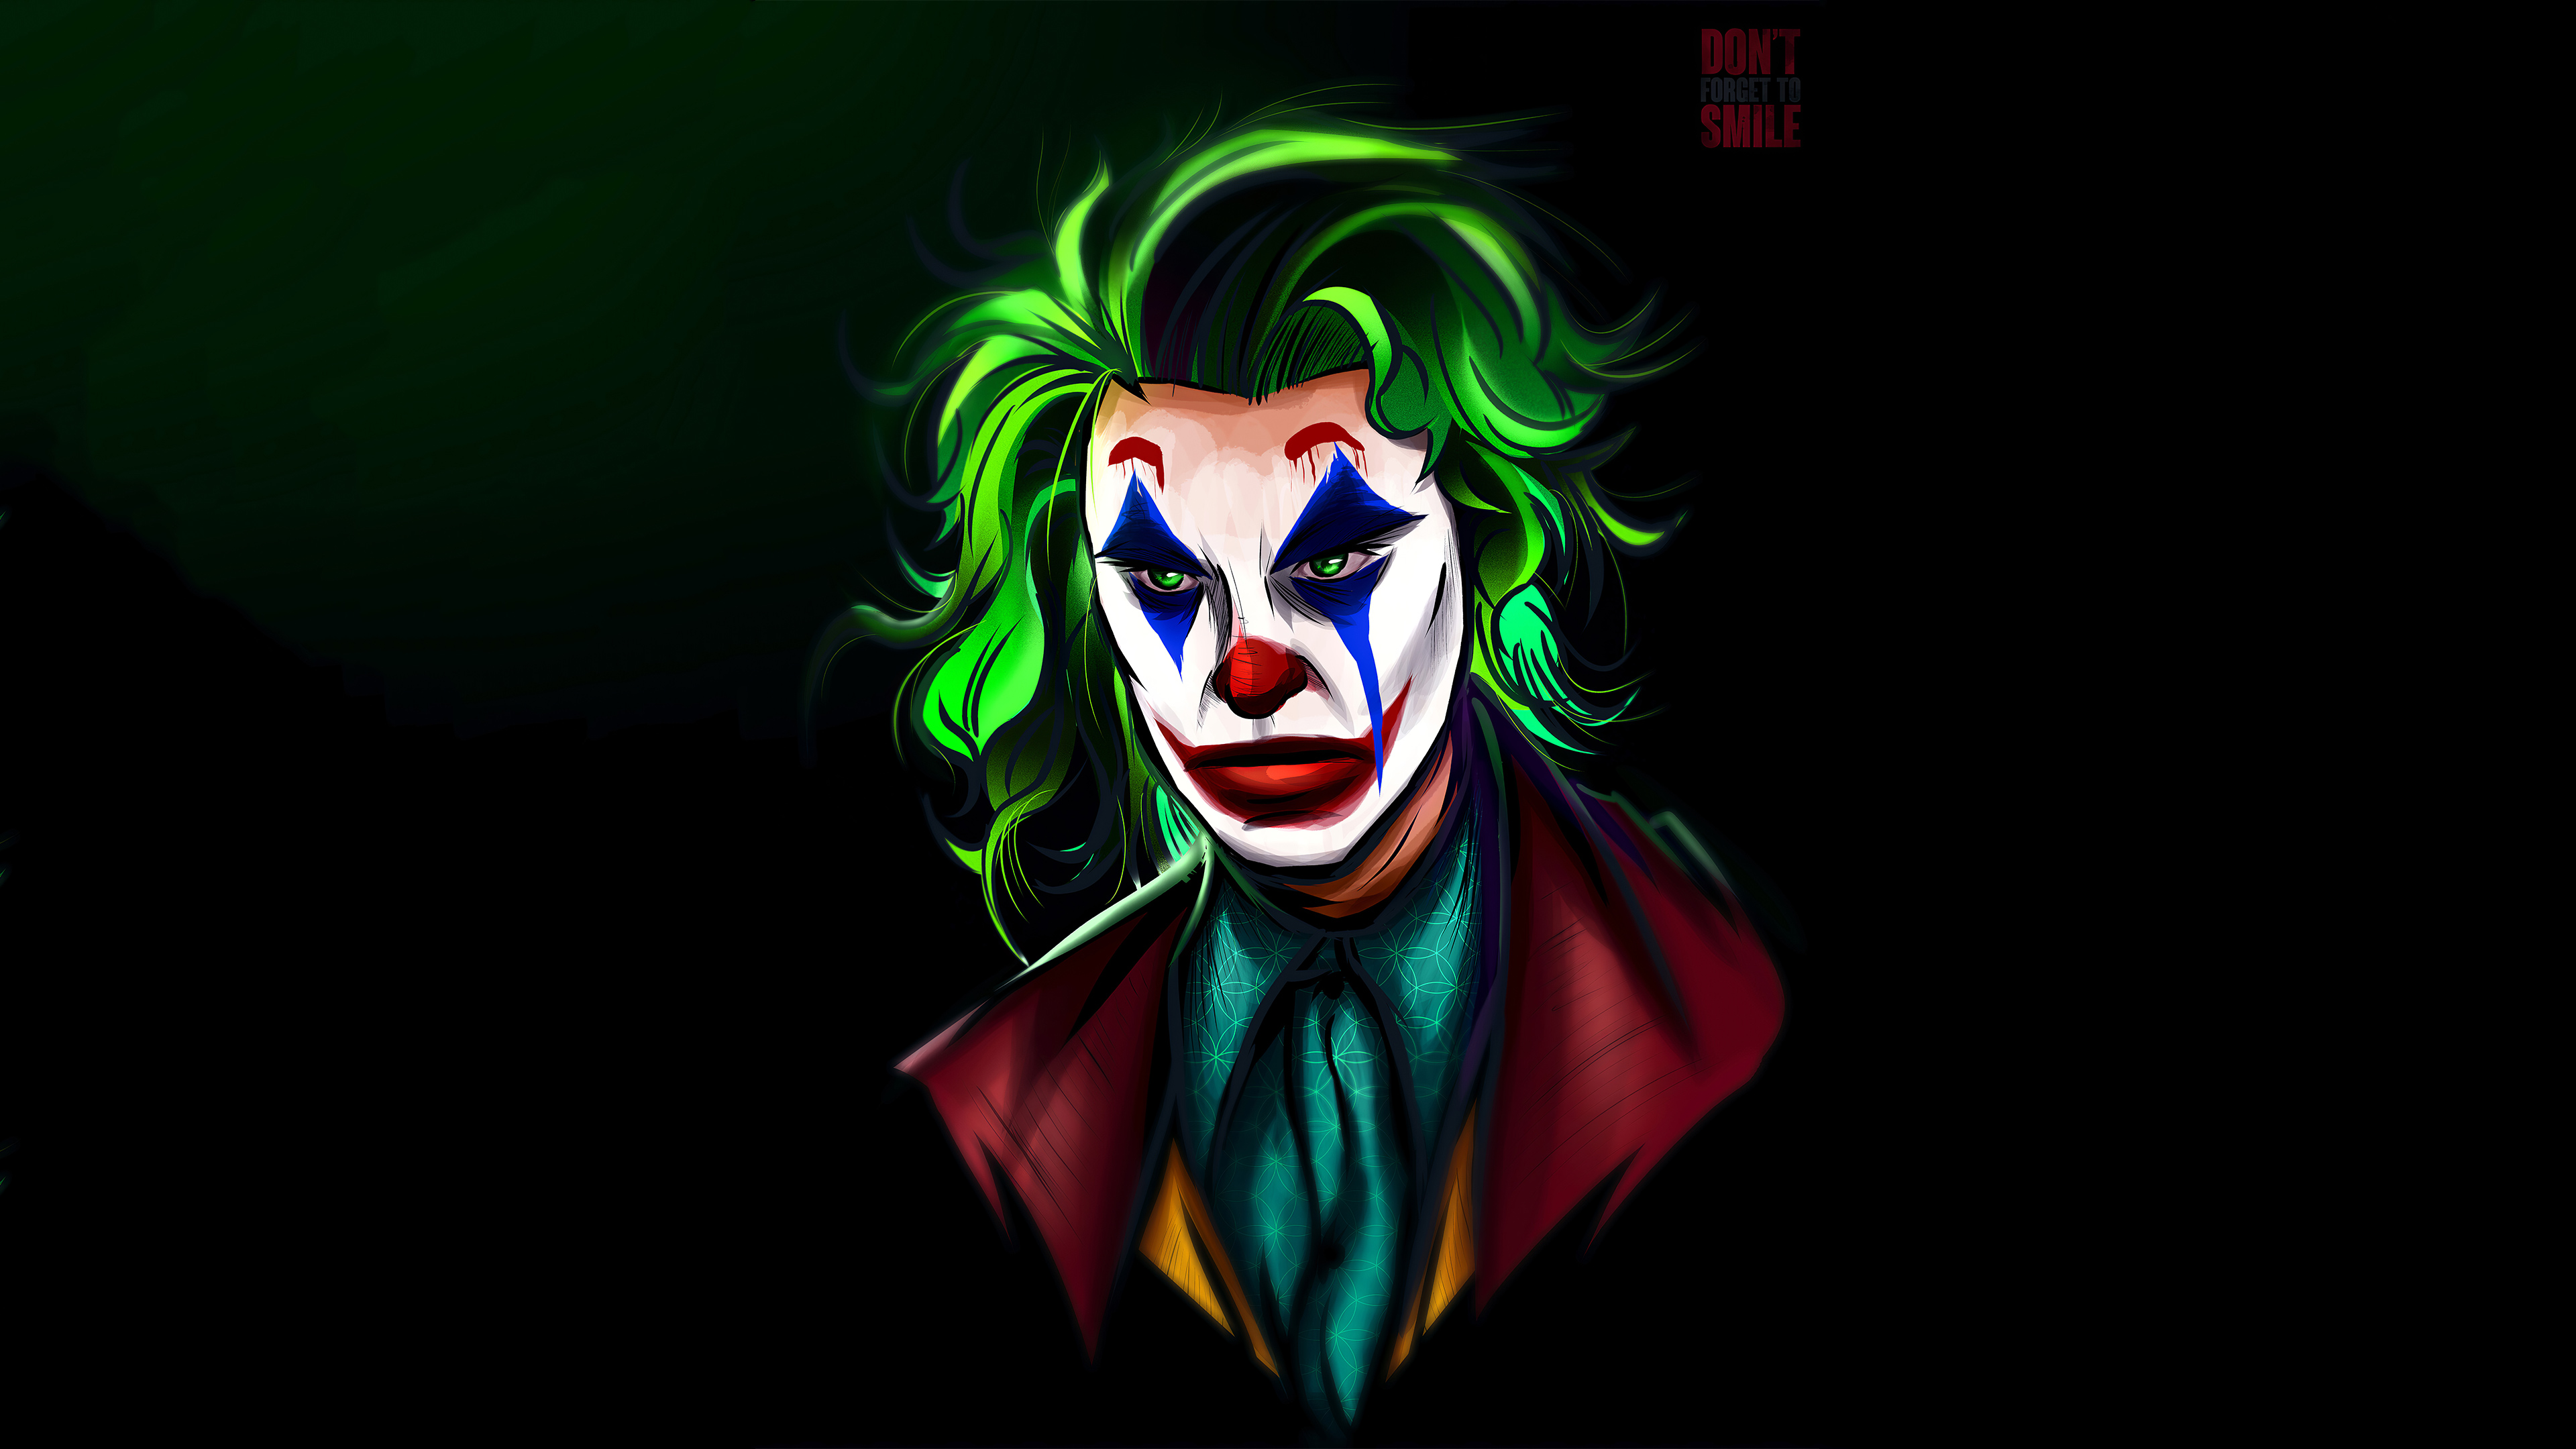 Joker Man 4k Hd Superheroes 4k Wallpapers Images